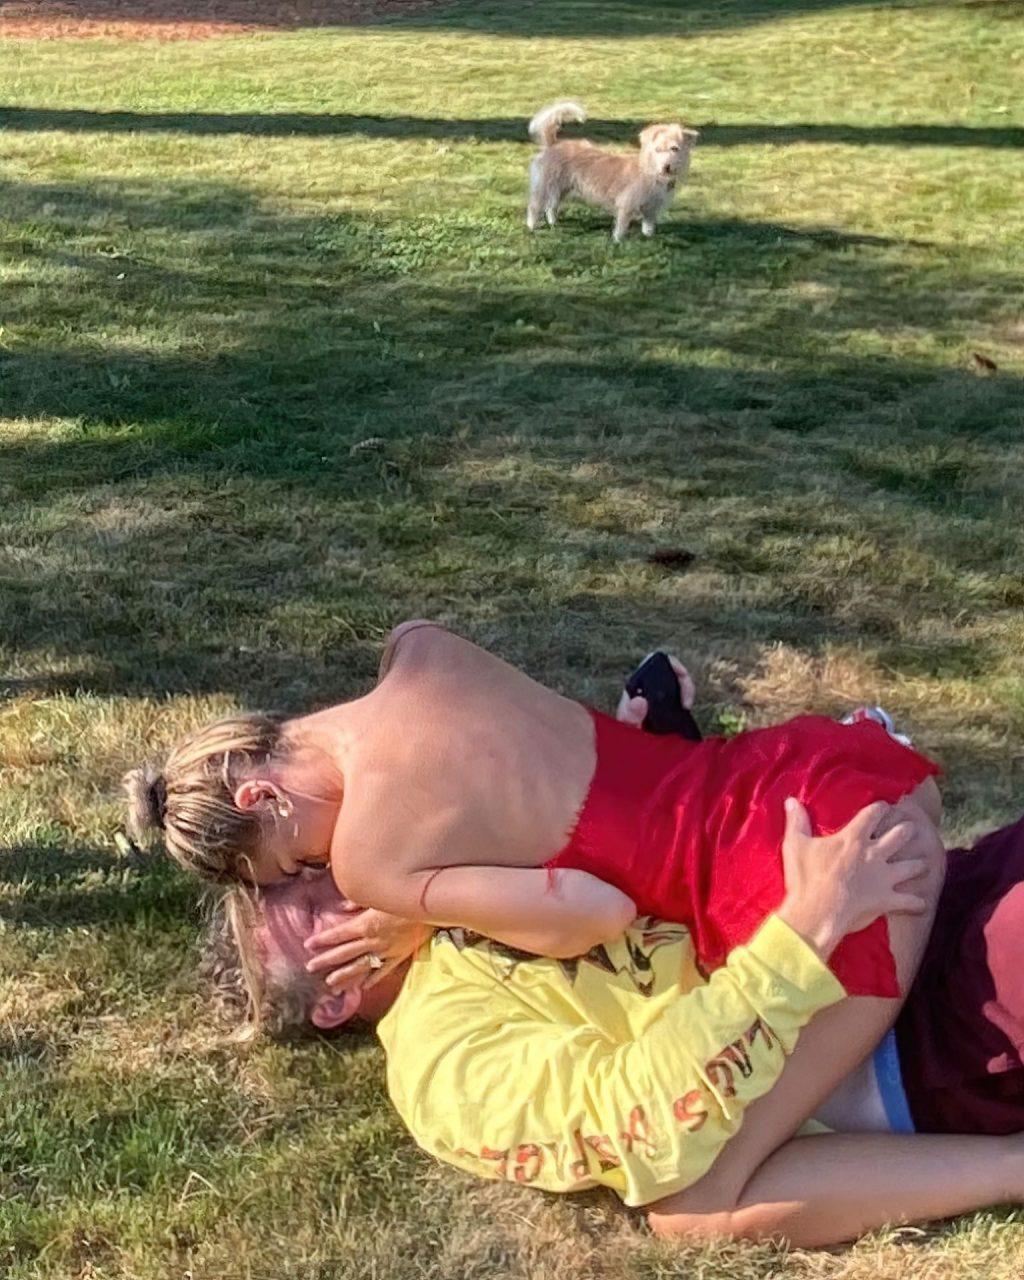 Emily Ratajkowski Flashes Her Butt (5 Photos)